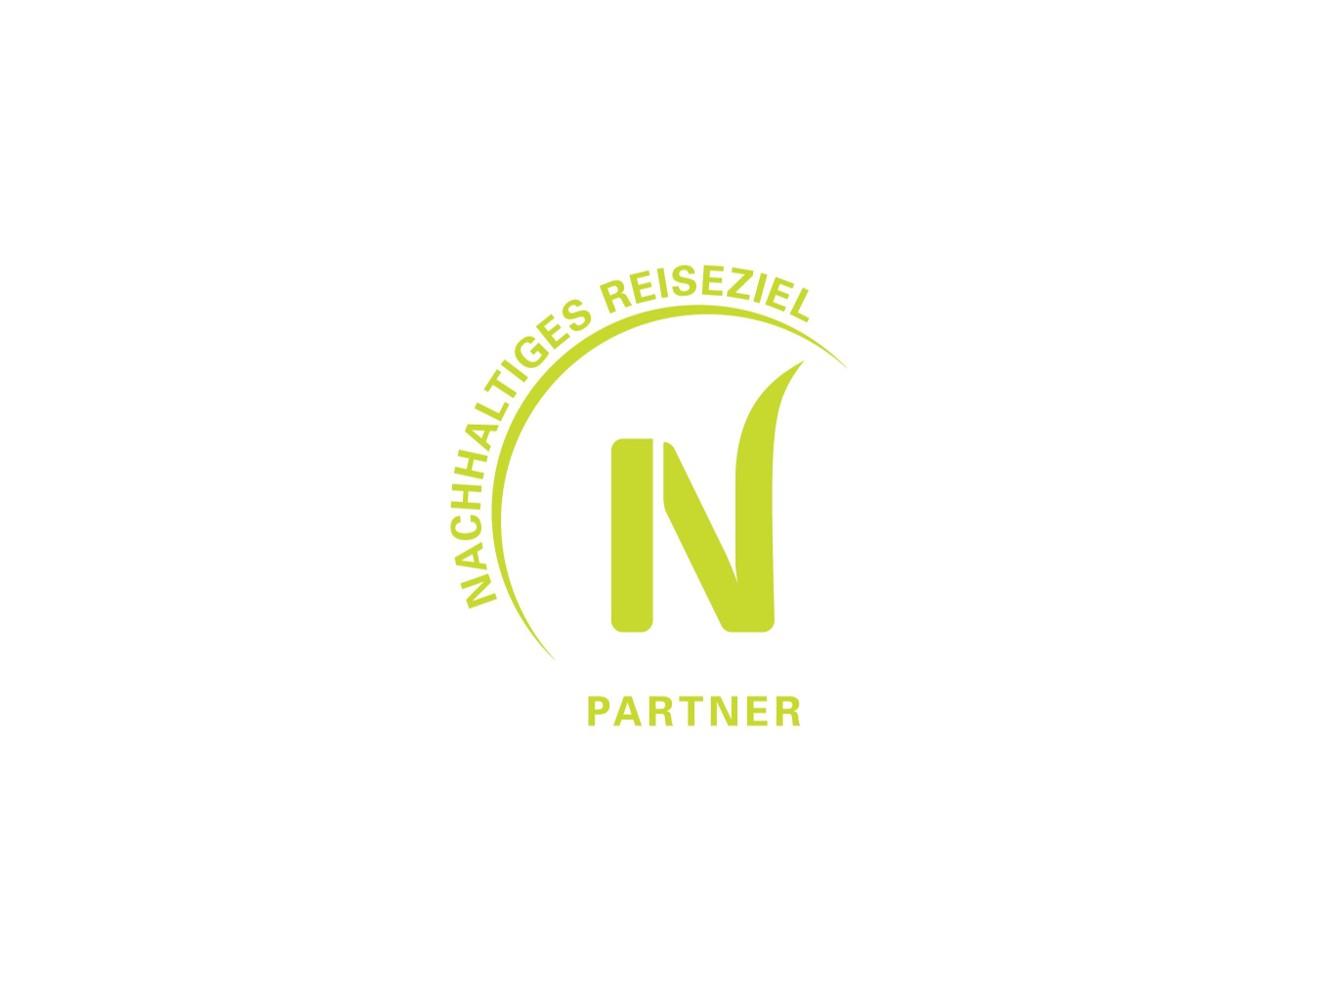 Nachhaltiges Reiseziel Partner Logo